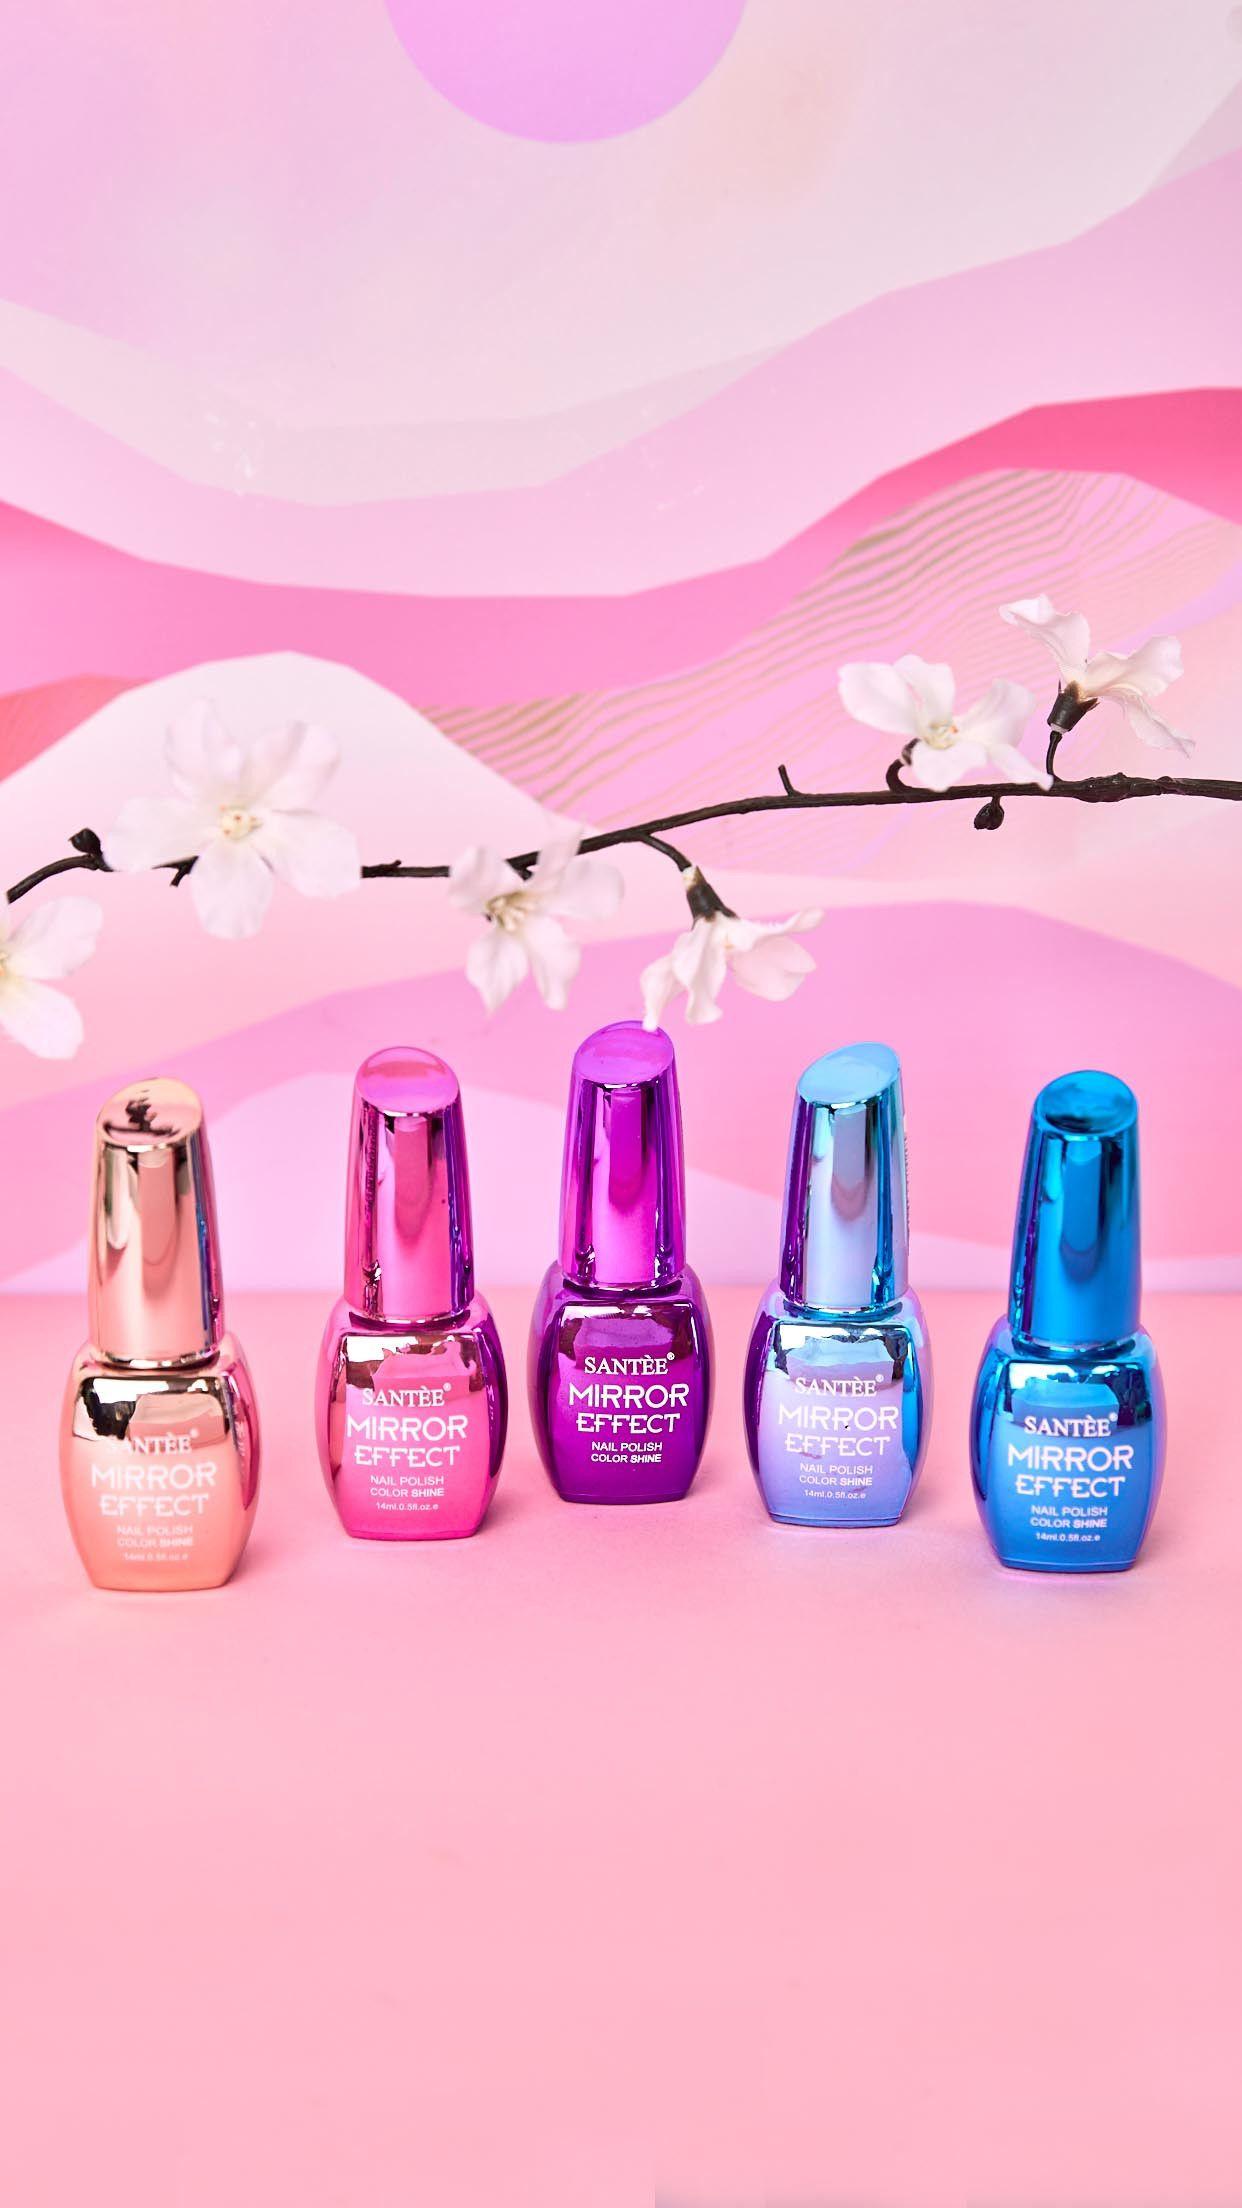 Color Mirror Effect Nail Polish   nails   Pinterest